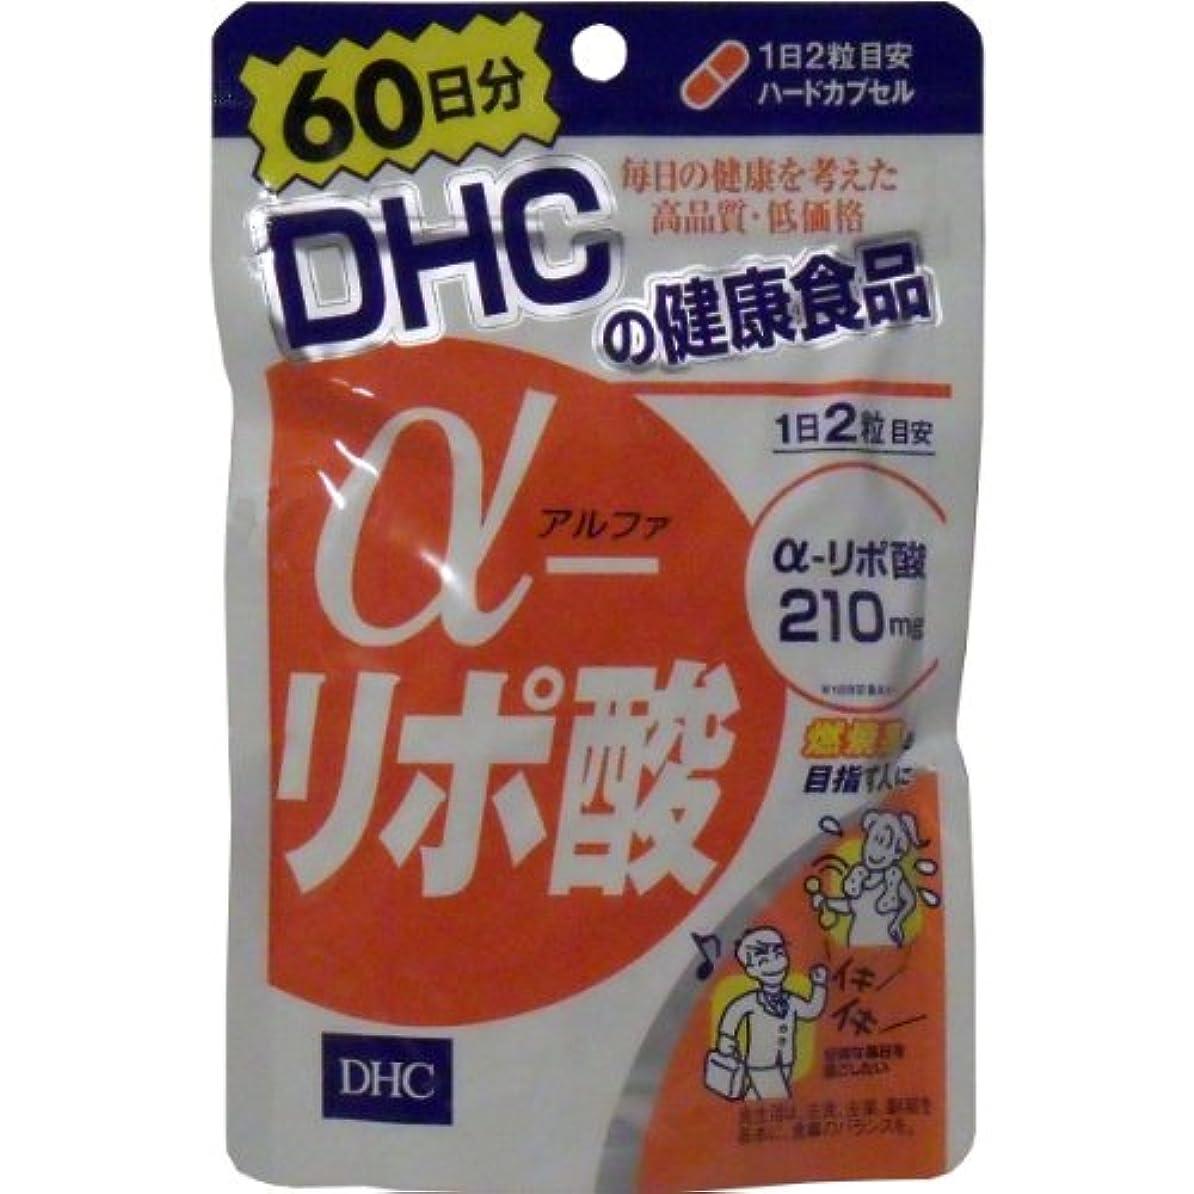 かもめ非アクティブ要件DHC α-リポ酸 α-リポ酸は、もともと体内にあるエネルギー活性成分 120粒 60日分 【5個セット】